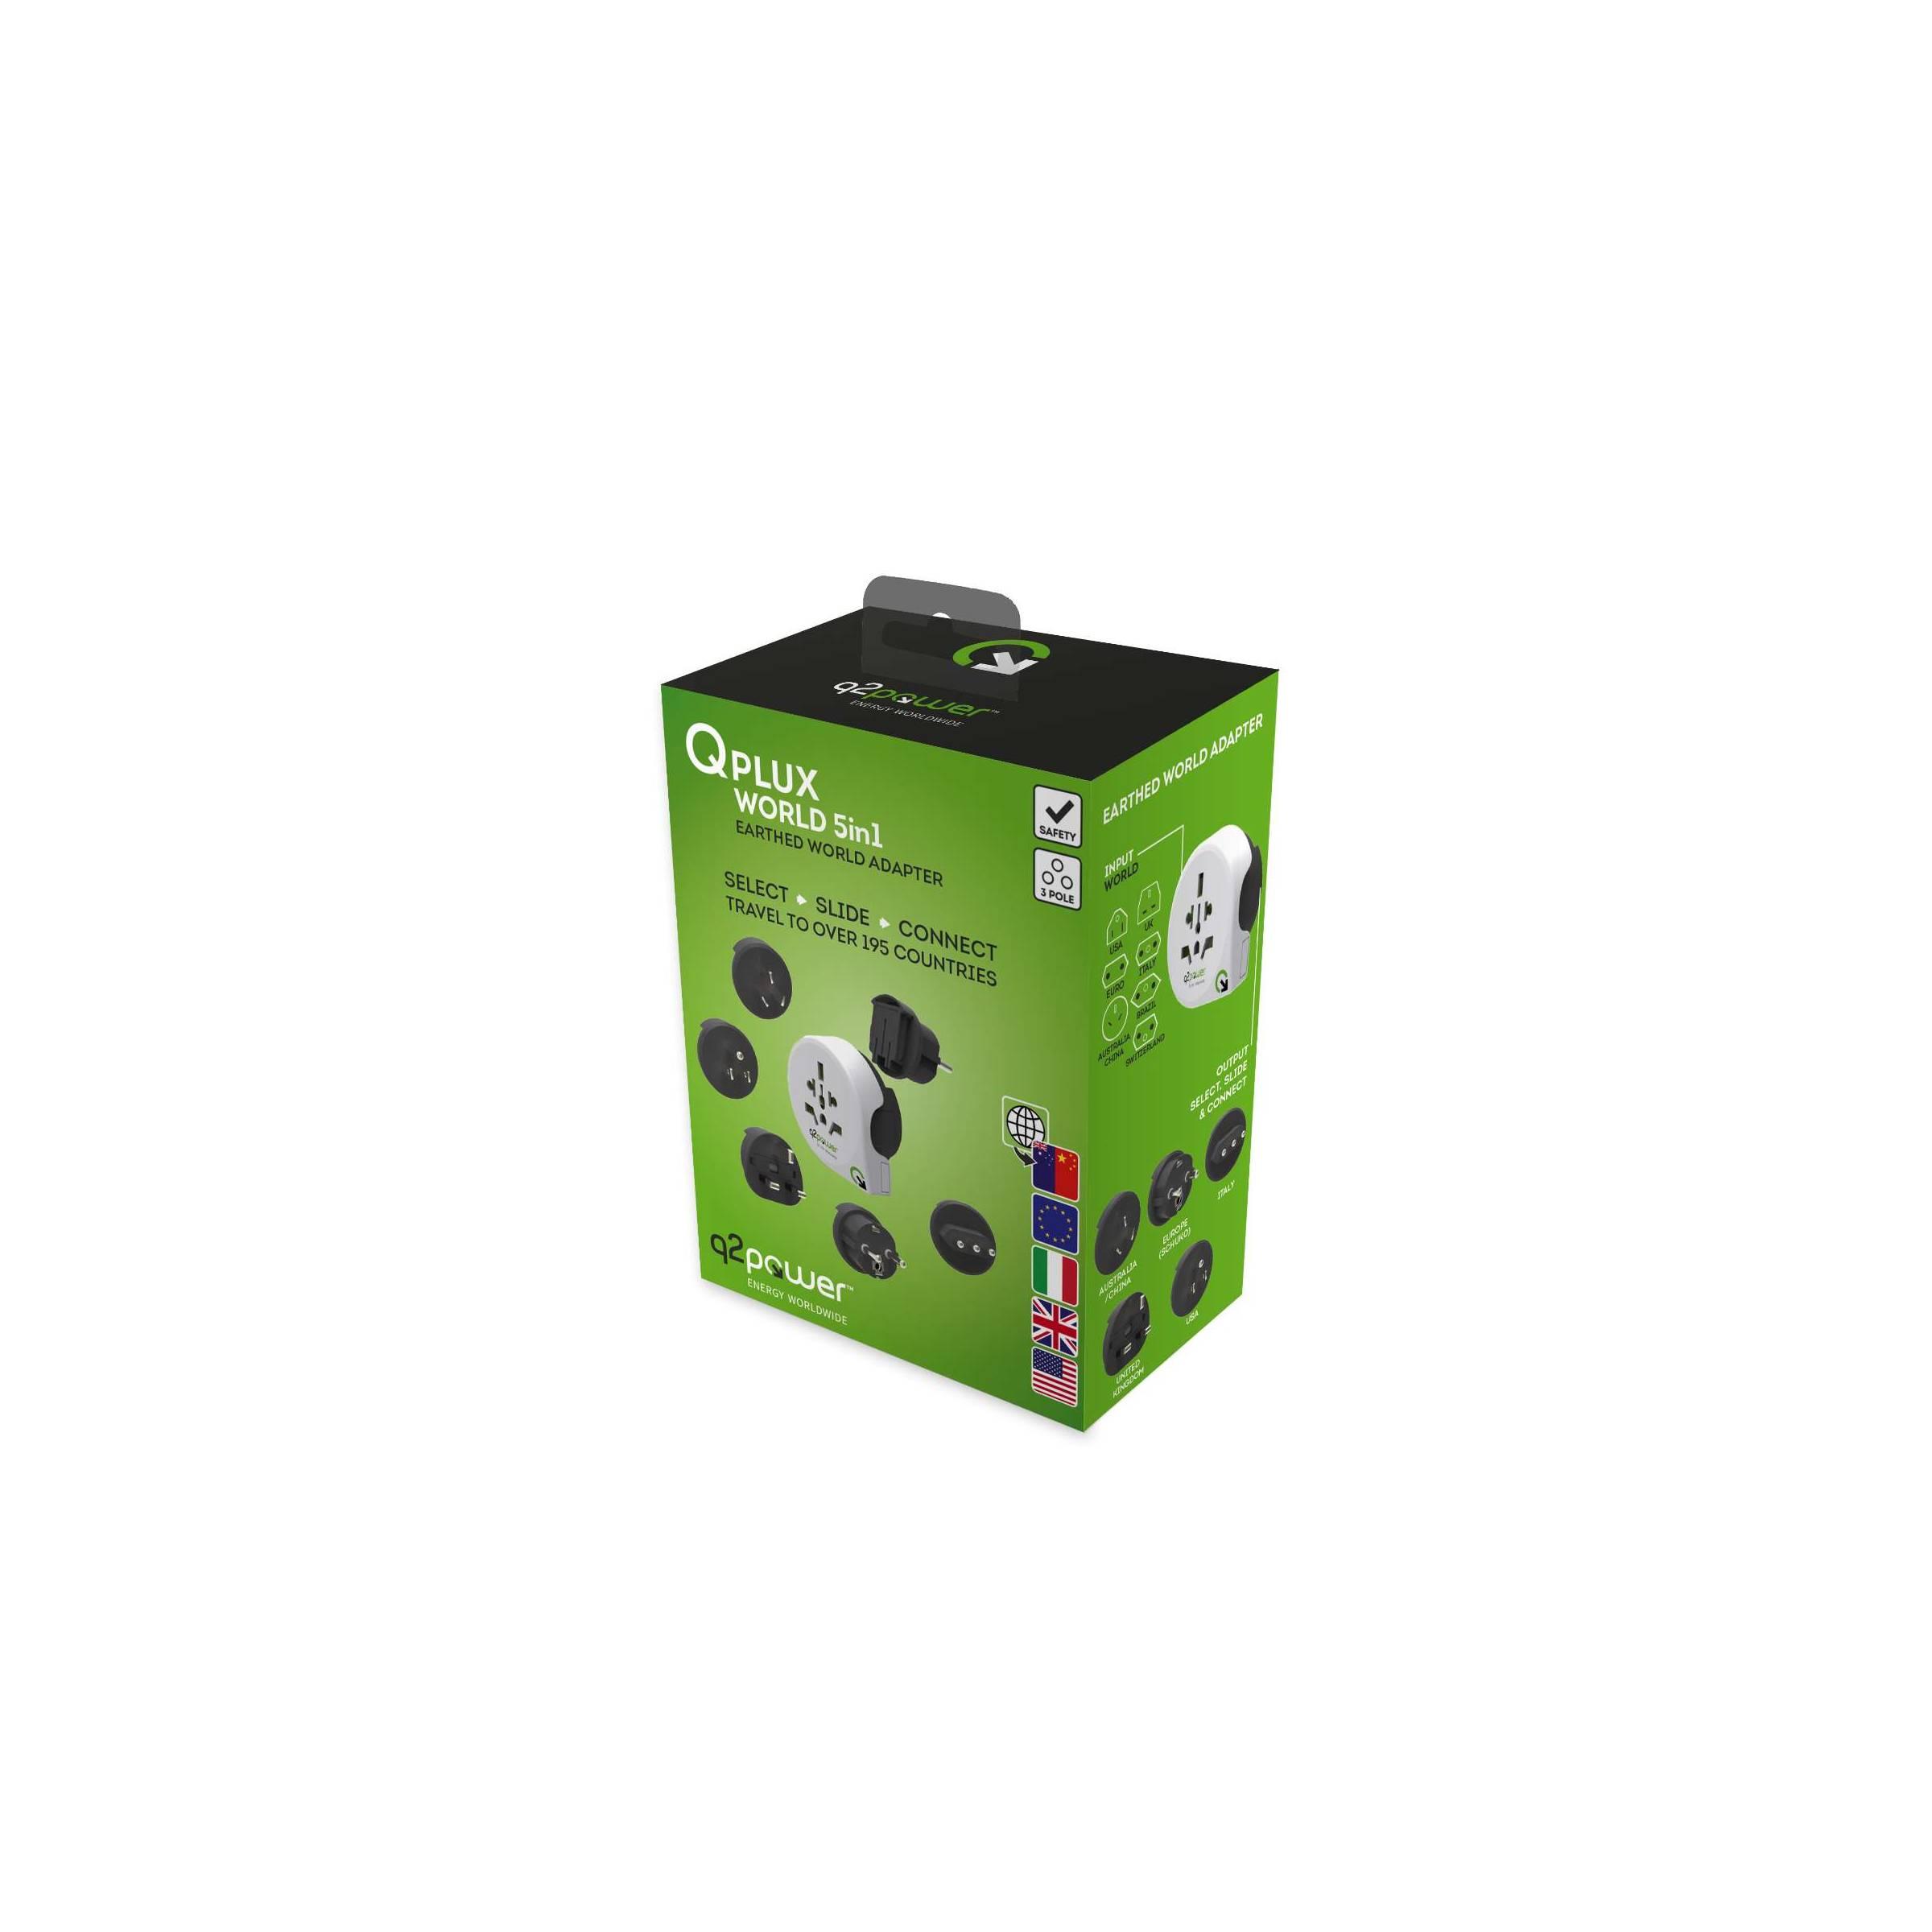 q2power – Q2power qplux 5 i 1 verden/eu til verden rejse adapter version hele verden stik på mackabler.dk